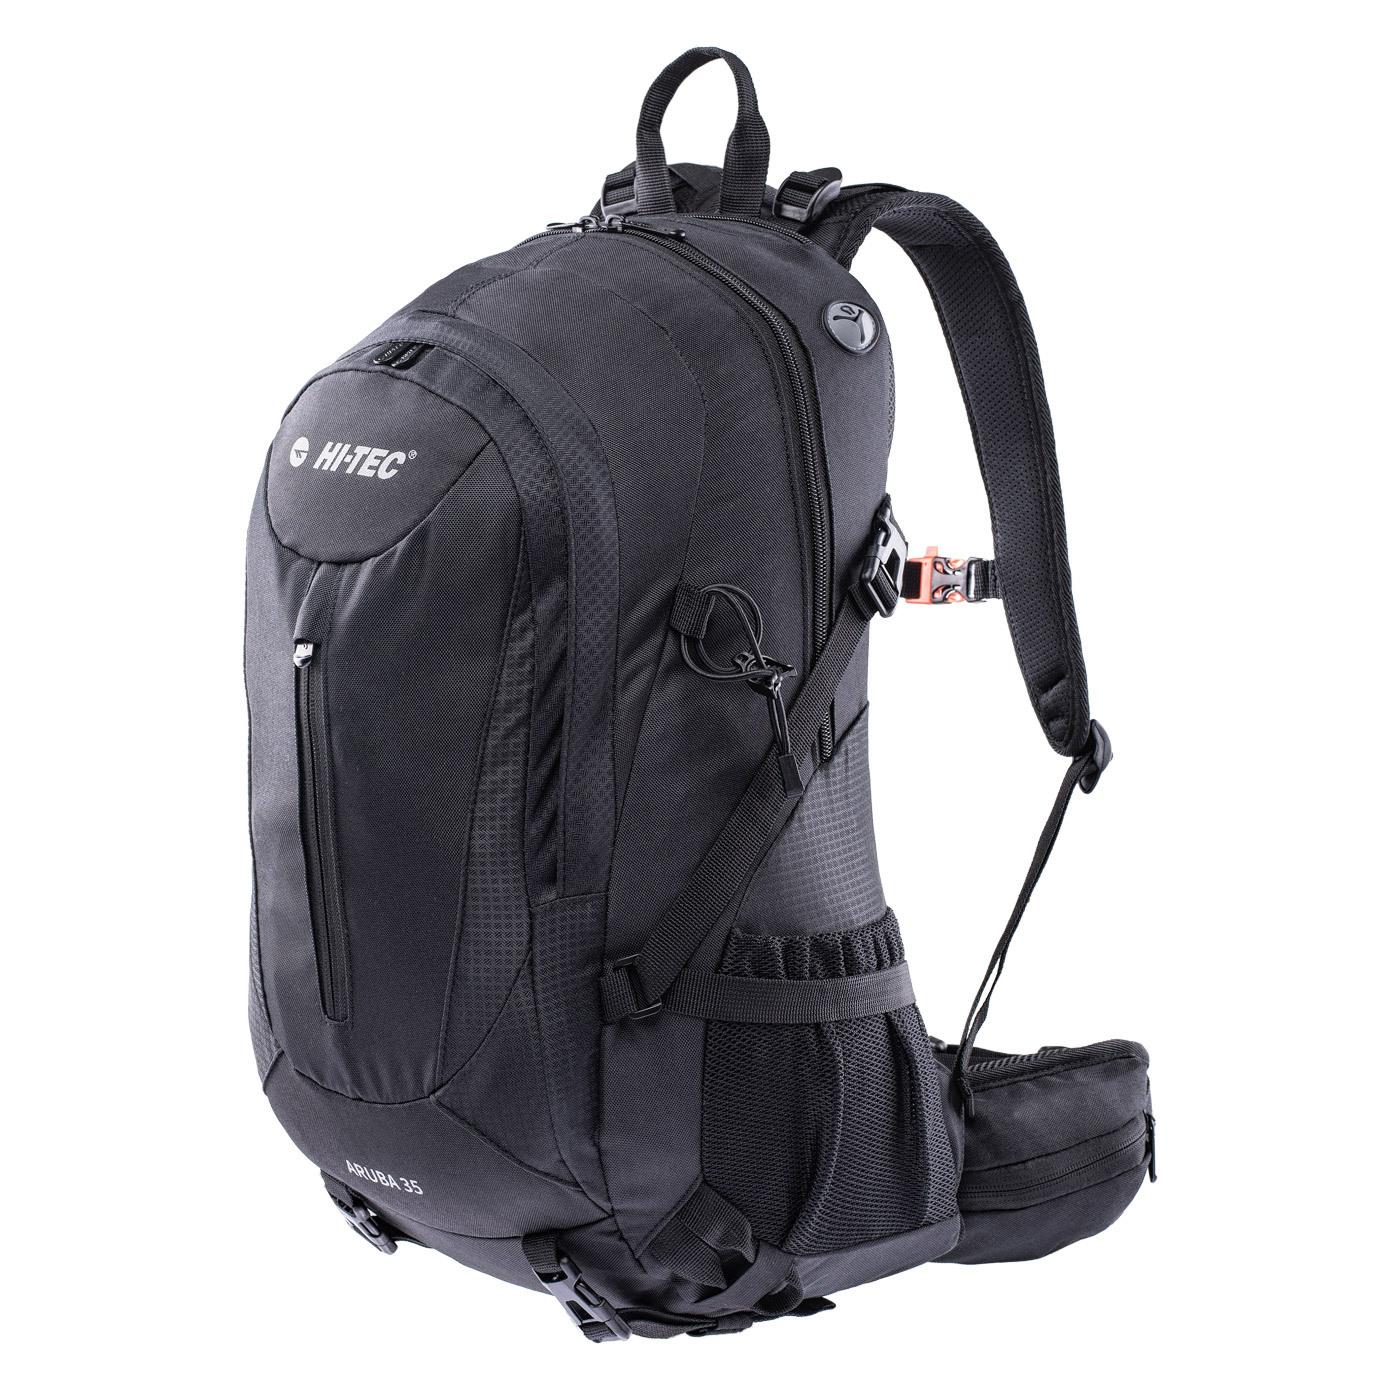 HI-TEC Aruba 35L - expediční turistický batoh (černý) Barva: Černá (Black)